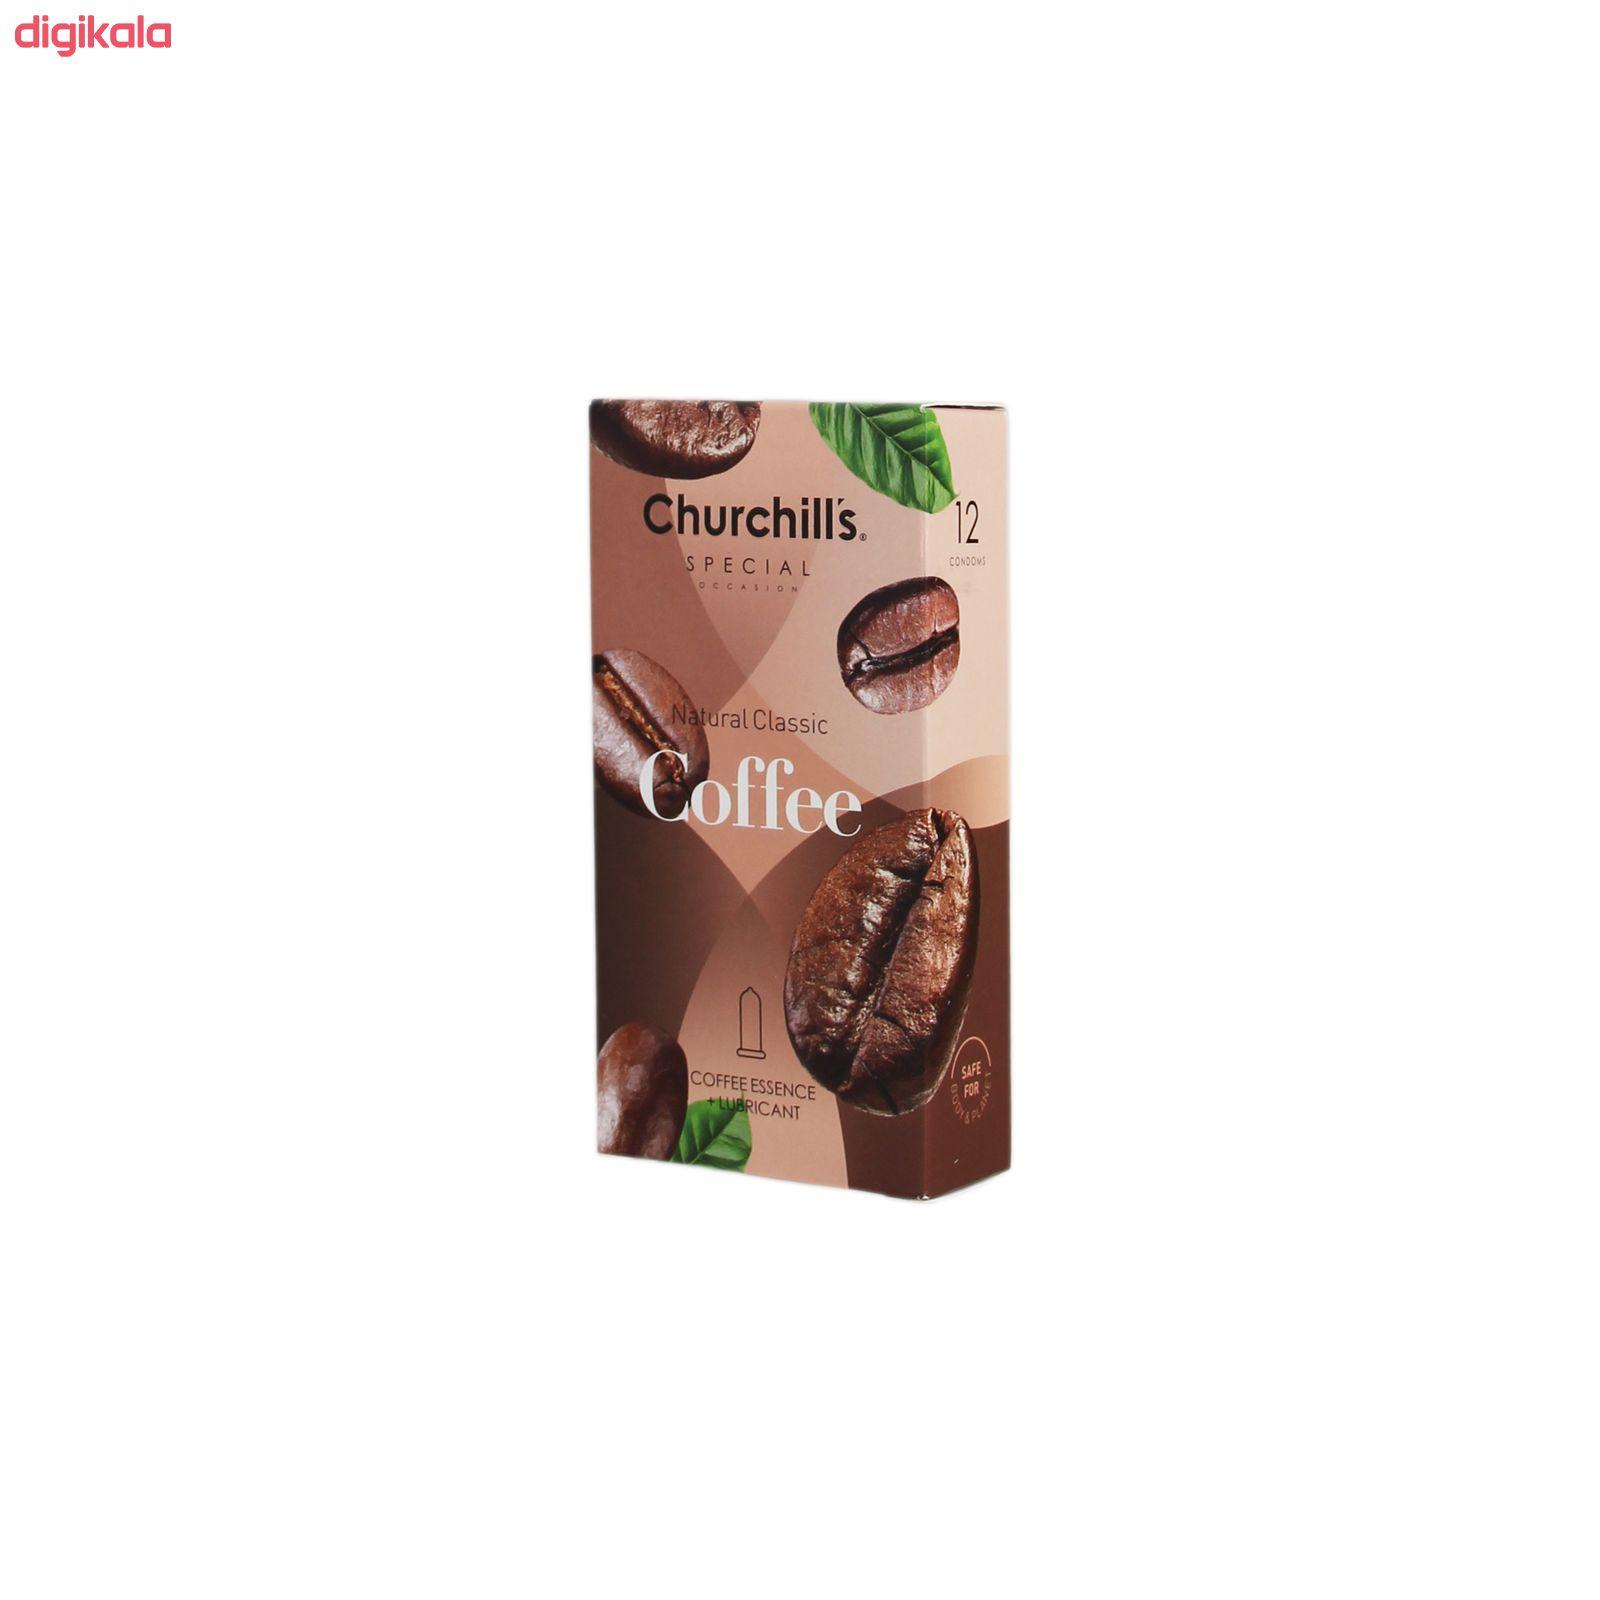 کاندوم چرچیلز مدل Coffee بسته 12 عددی main 1 1